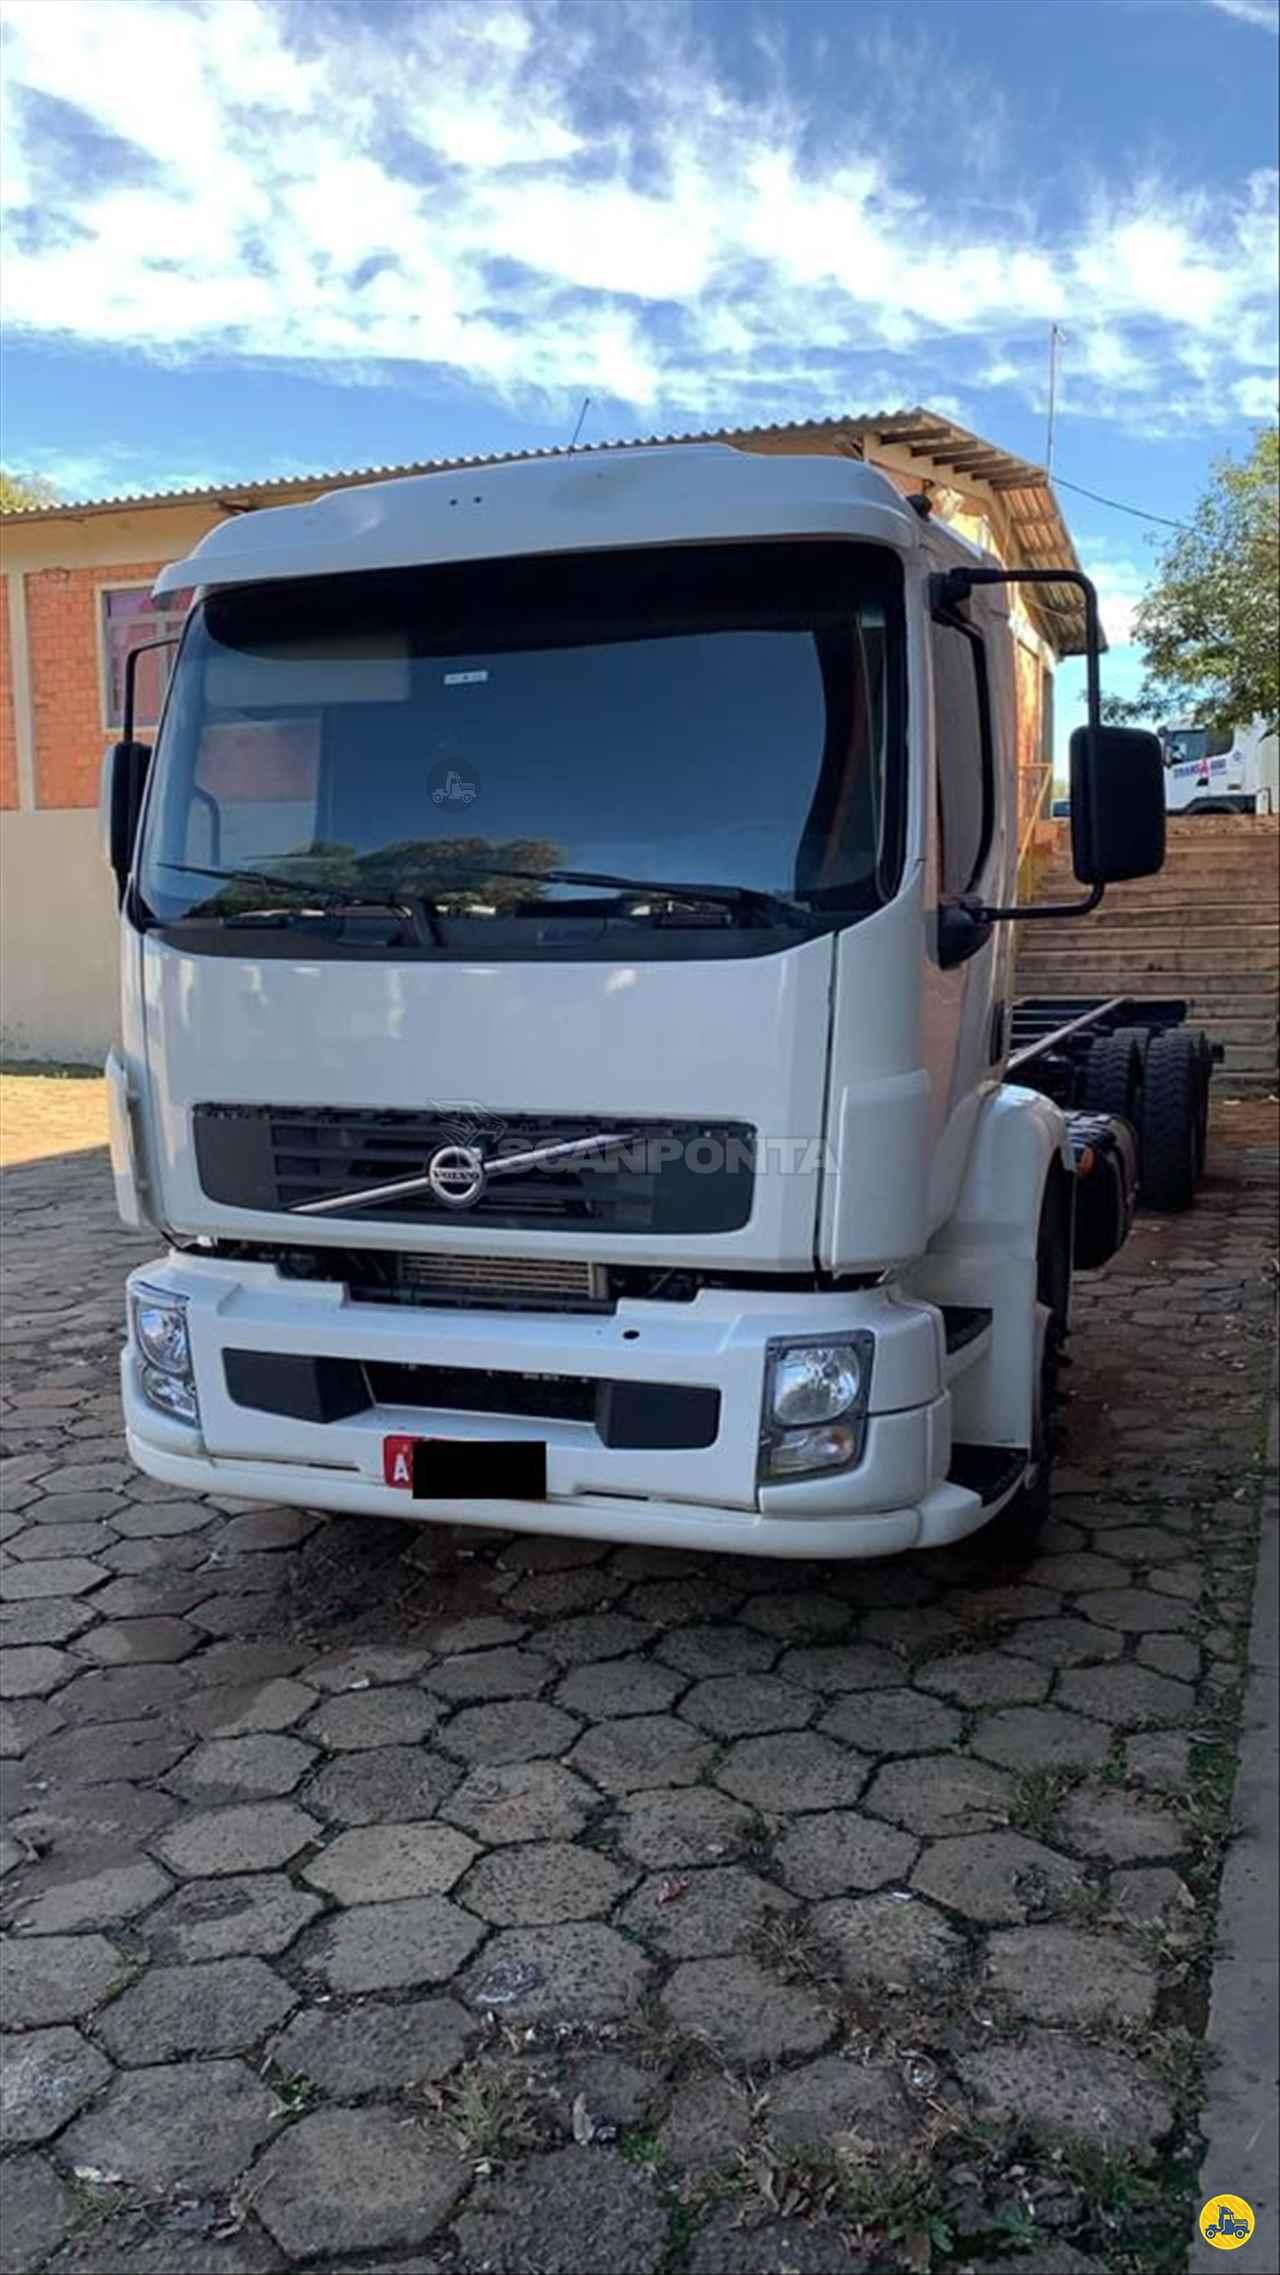 CAMINHAO VOLVO VOLVO VM 270 Chassis Truck 6x2 Scanponta Caminhões Peças e Serviços PONTA GROSSA PARANÁ PR